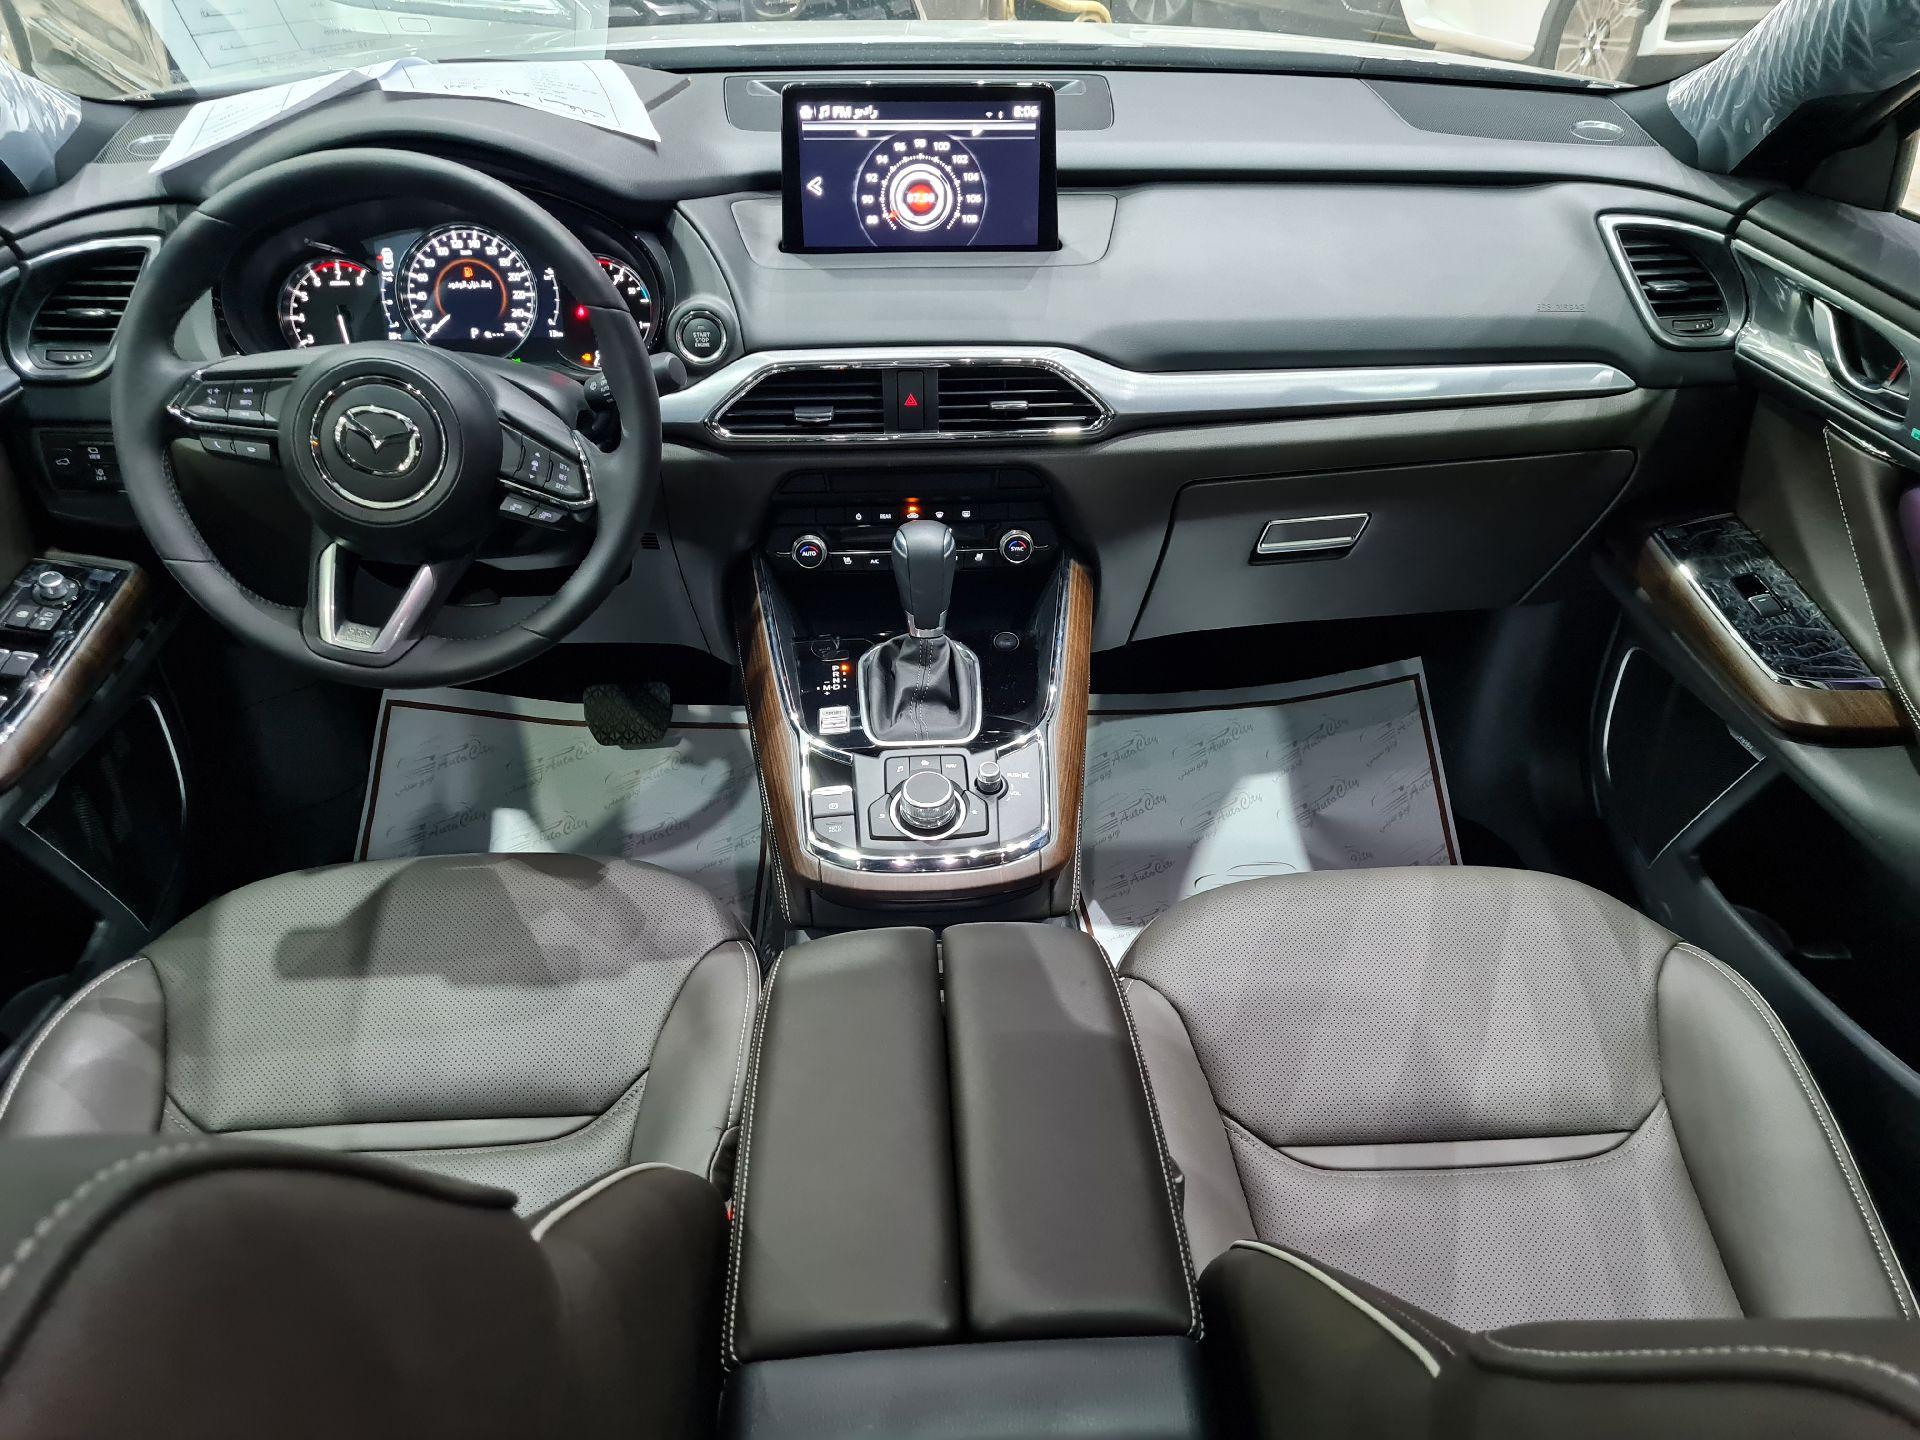 مازدا CX9 فل 2020 سجنتشر دبل خليجي جديد للبيع في الرياض - السعودية - صورة كبيرة - 11